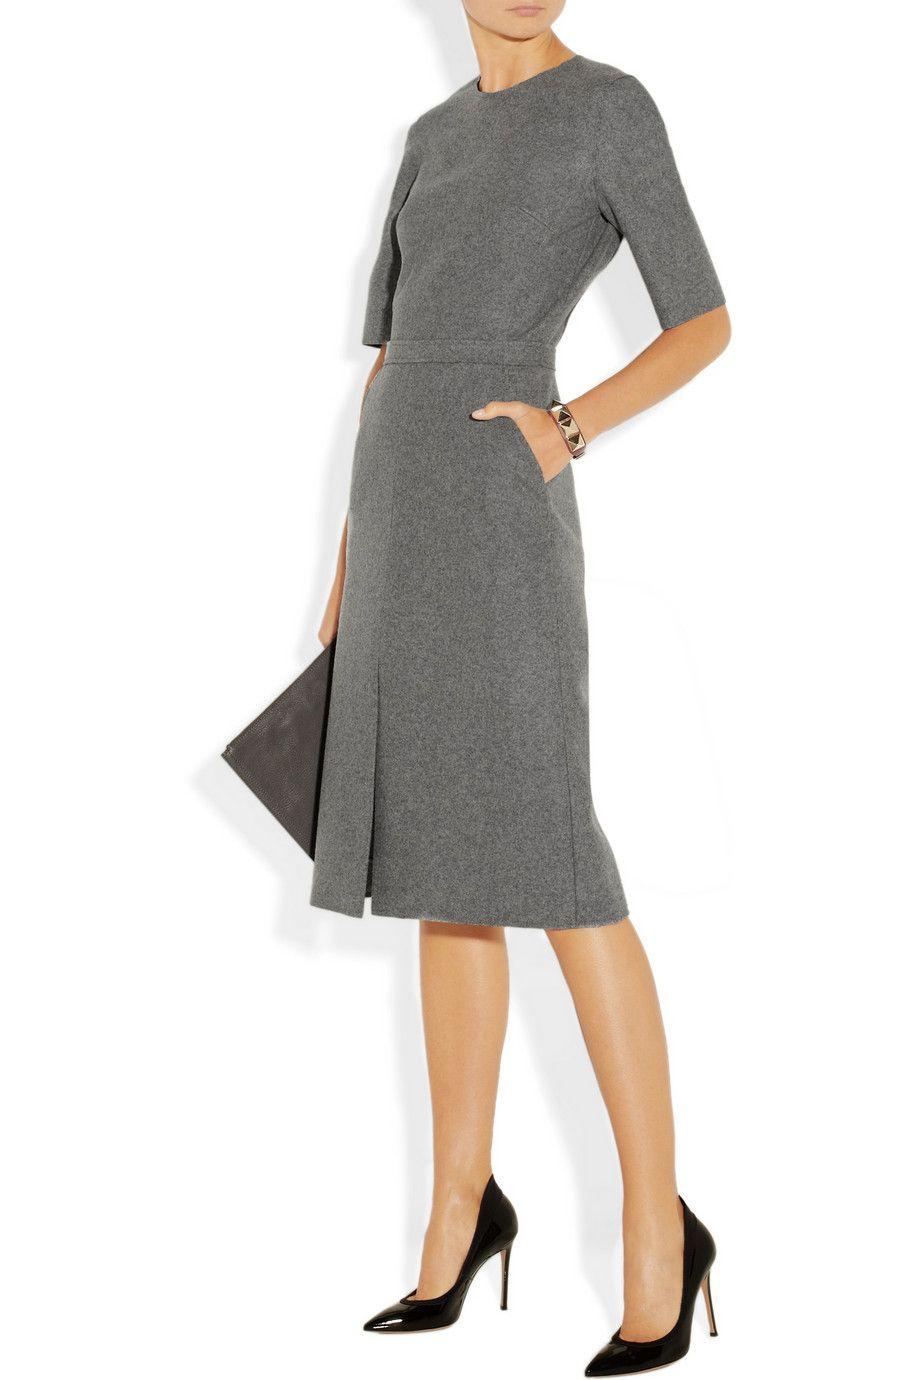 Victoria,Victoria Beckham. Wool-felt dress. #Modest doesn't mean